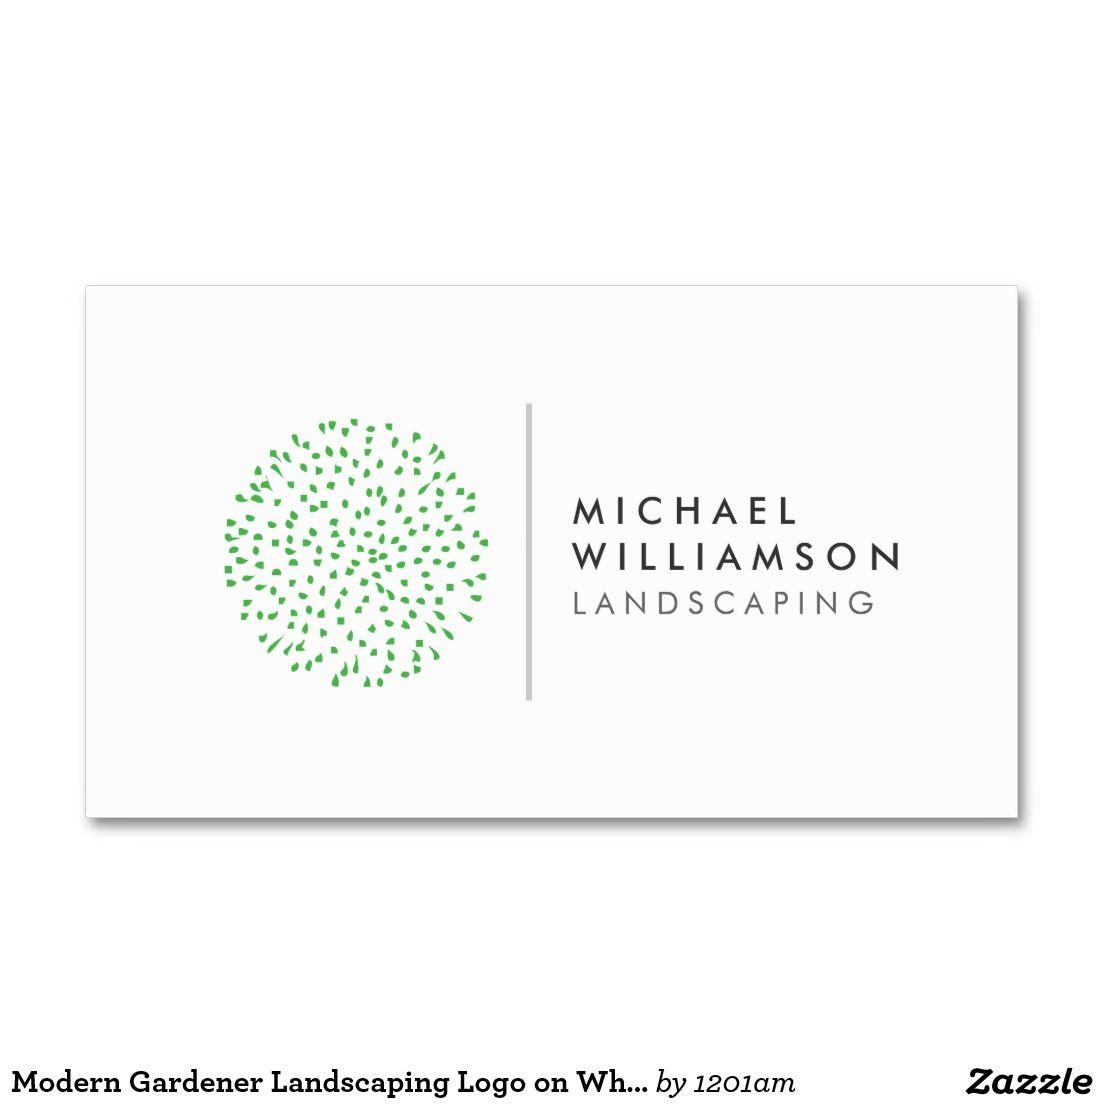 Modern Gardener Landscaping Logo on White Business Card | Business ...